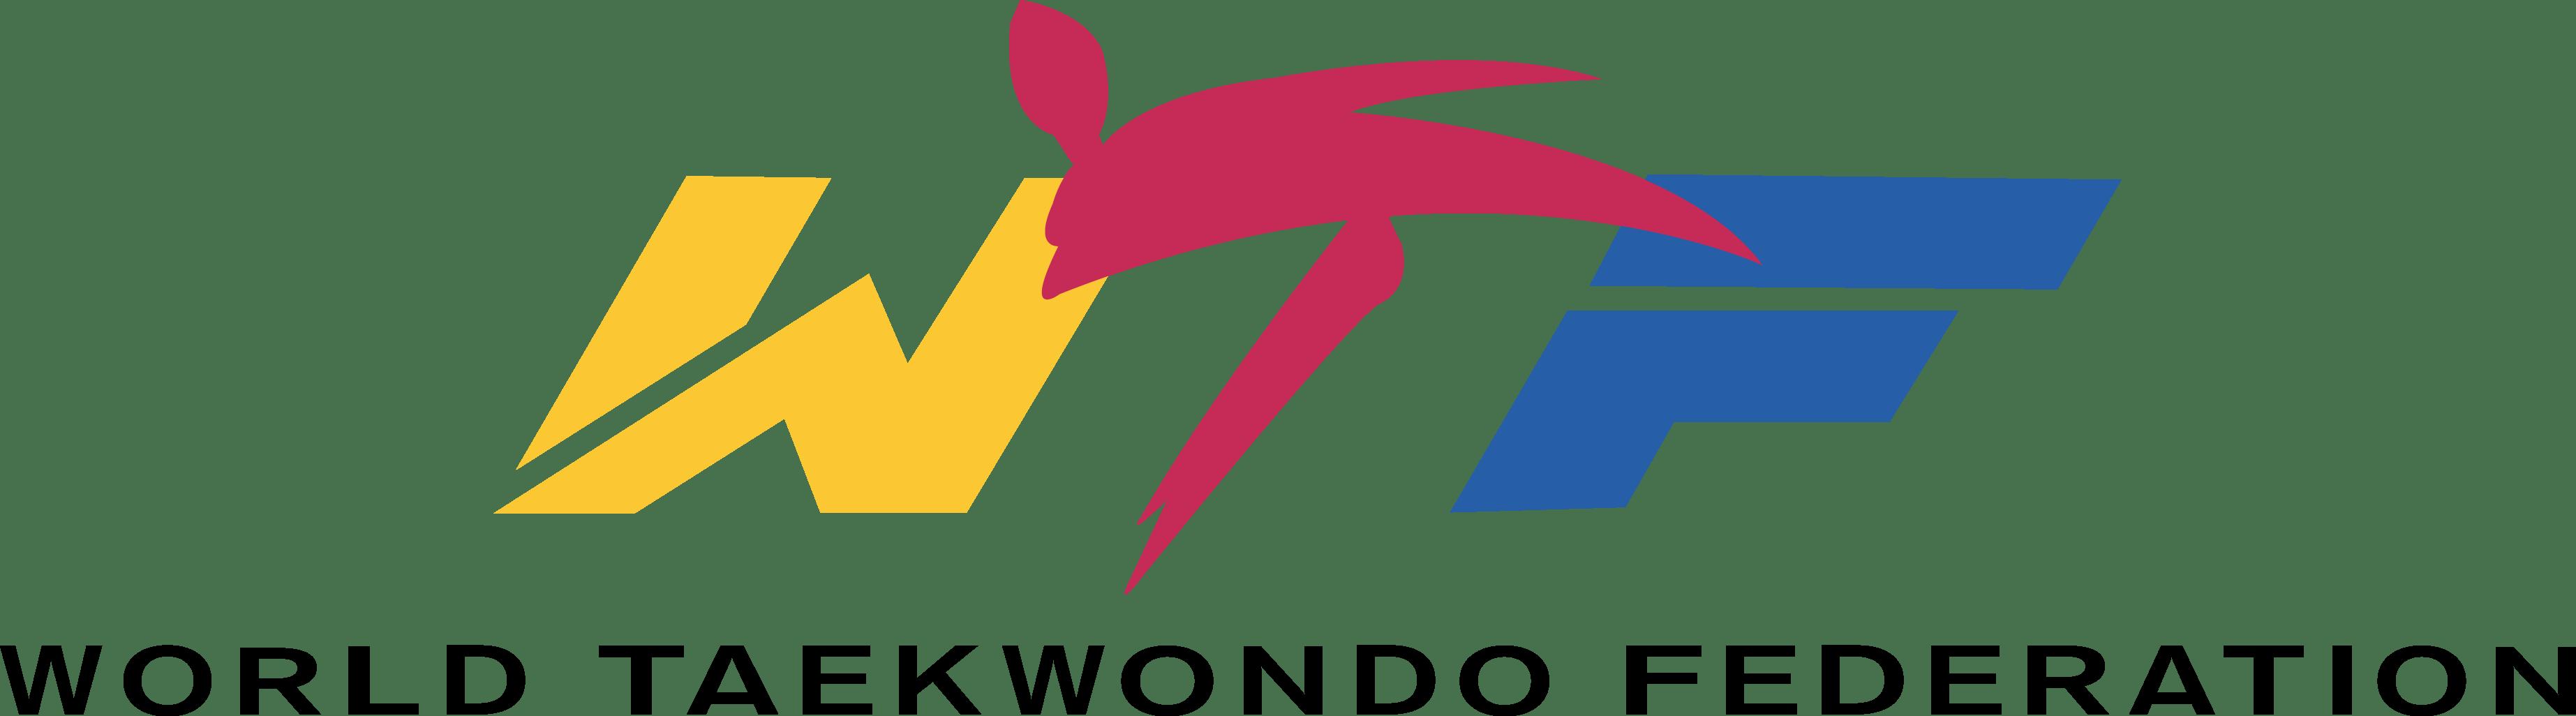 World Taekwondo Federation (WTF) Logo [wtf.org] png